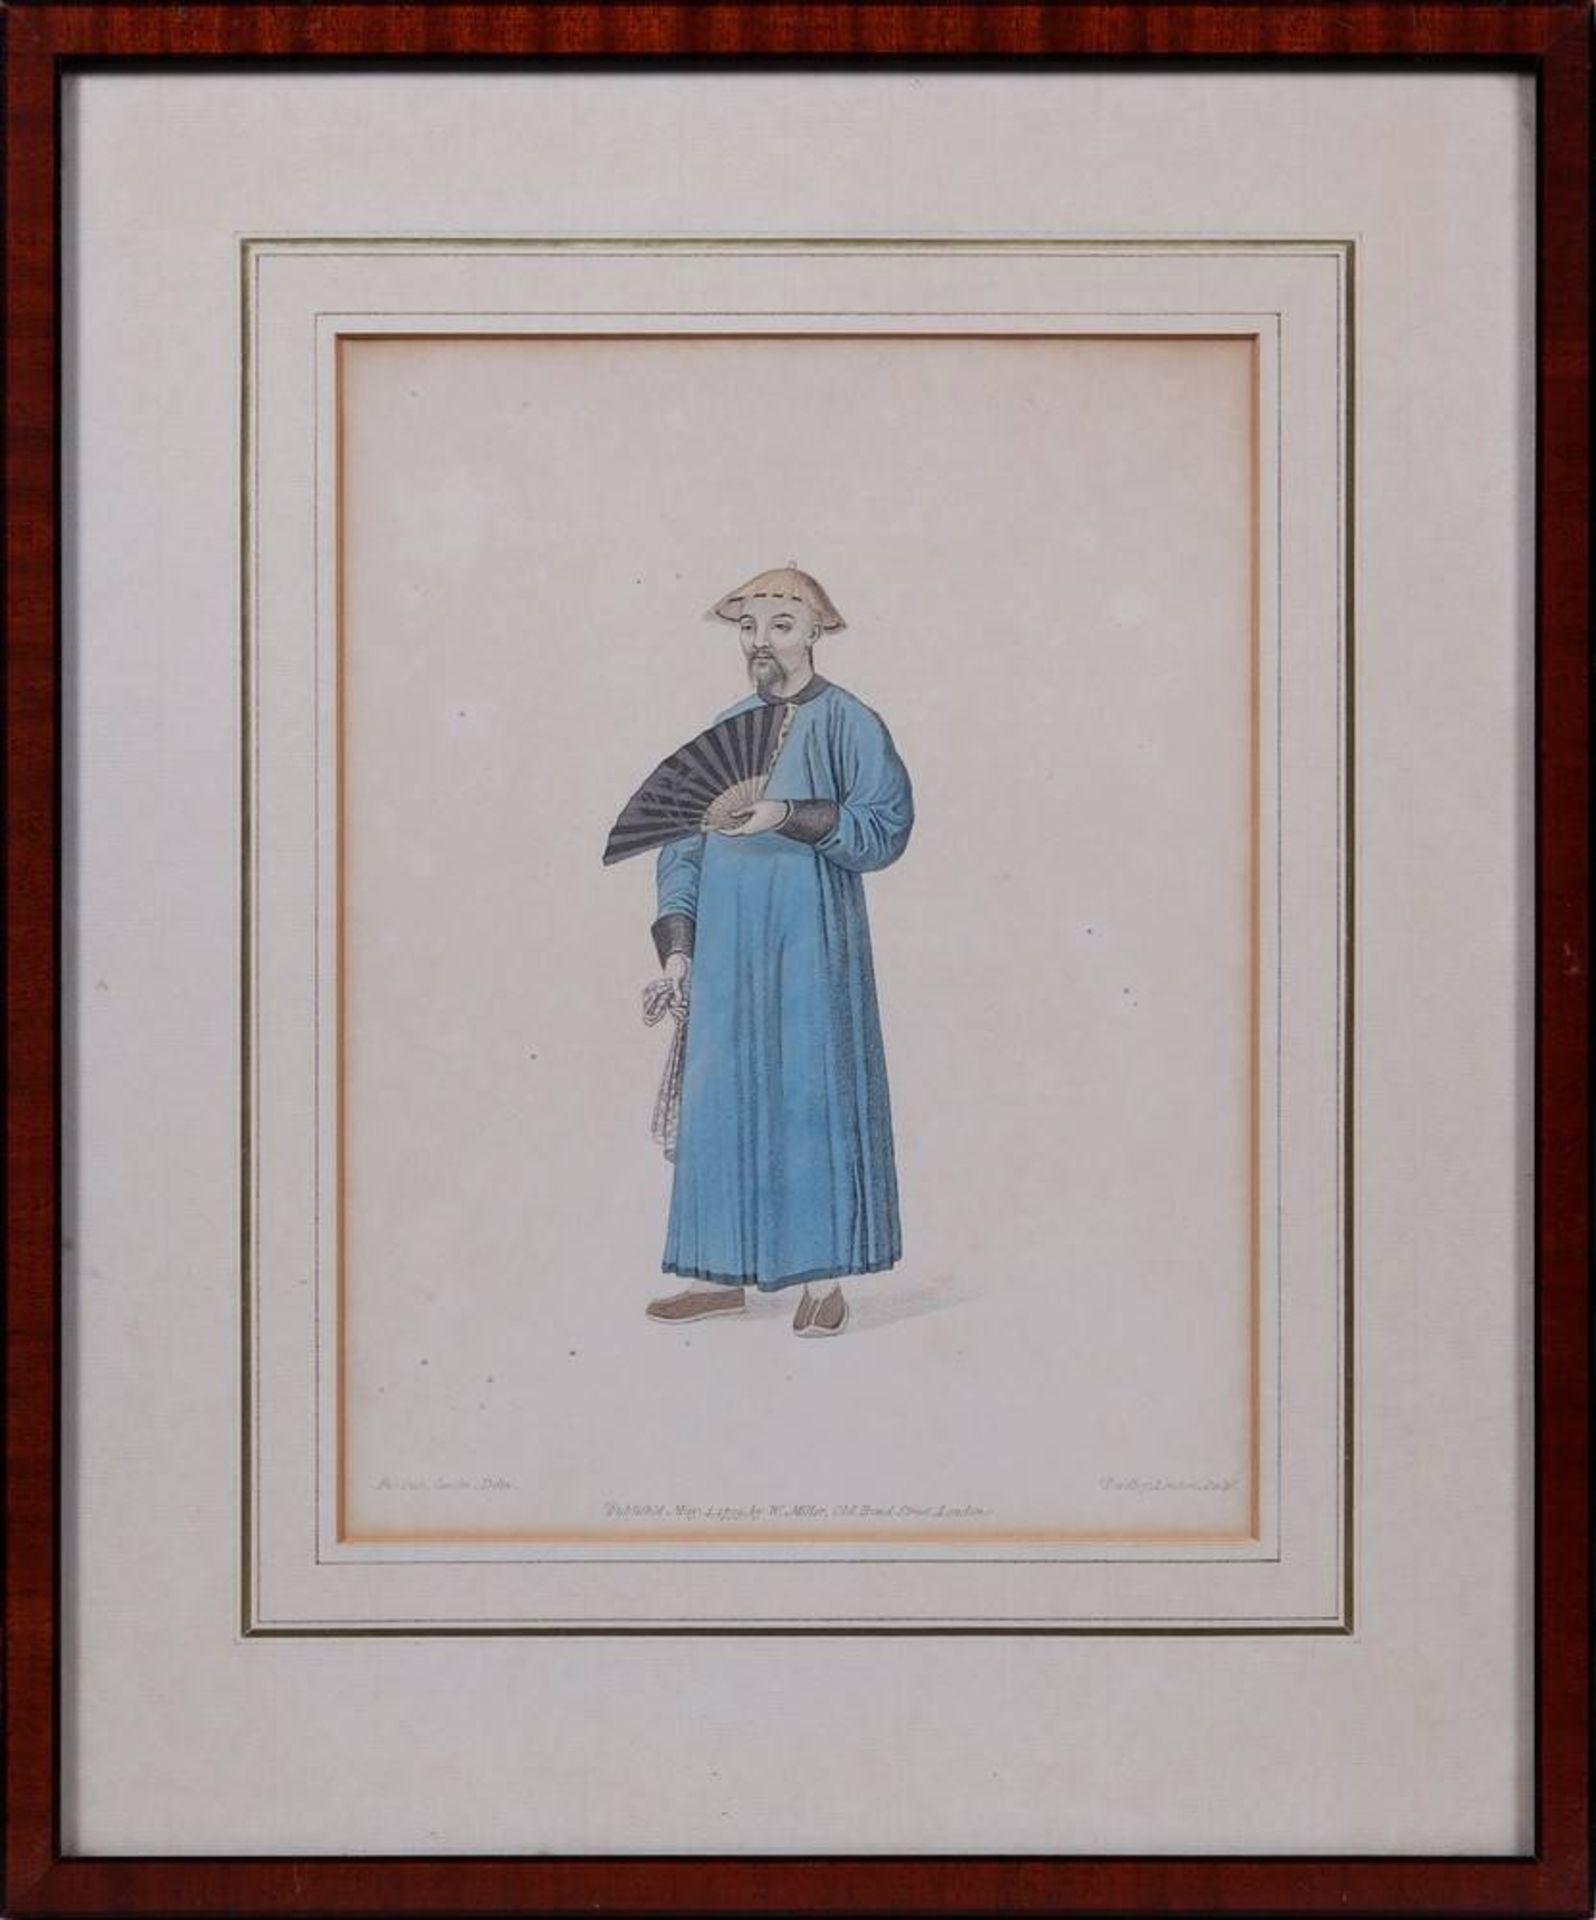 """7 Tafeln aus """"The Costume of China"""", kolorierte Stiche von John Dadley nach Zei - Image 11 of 13"""